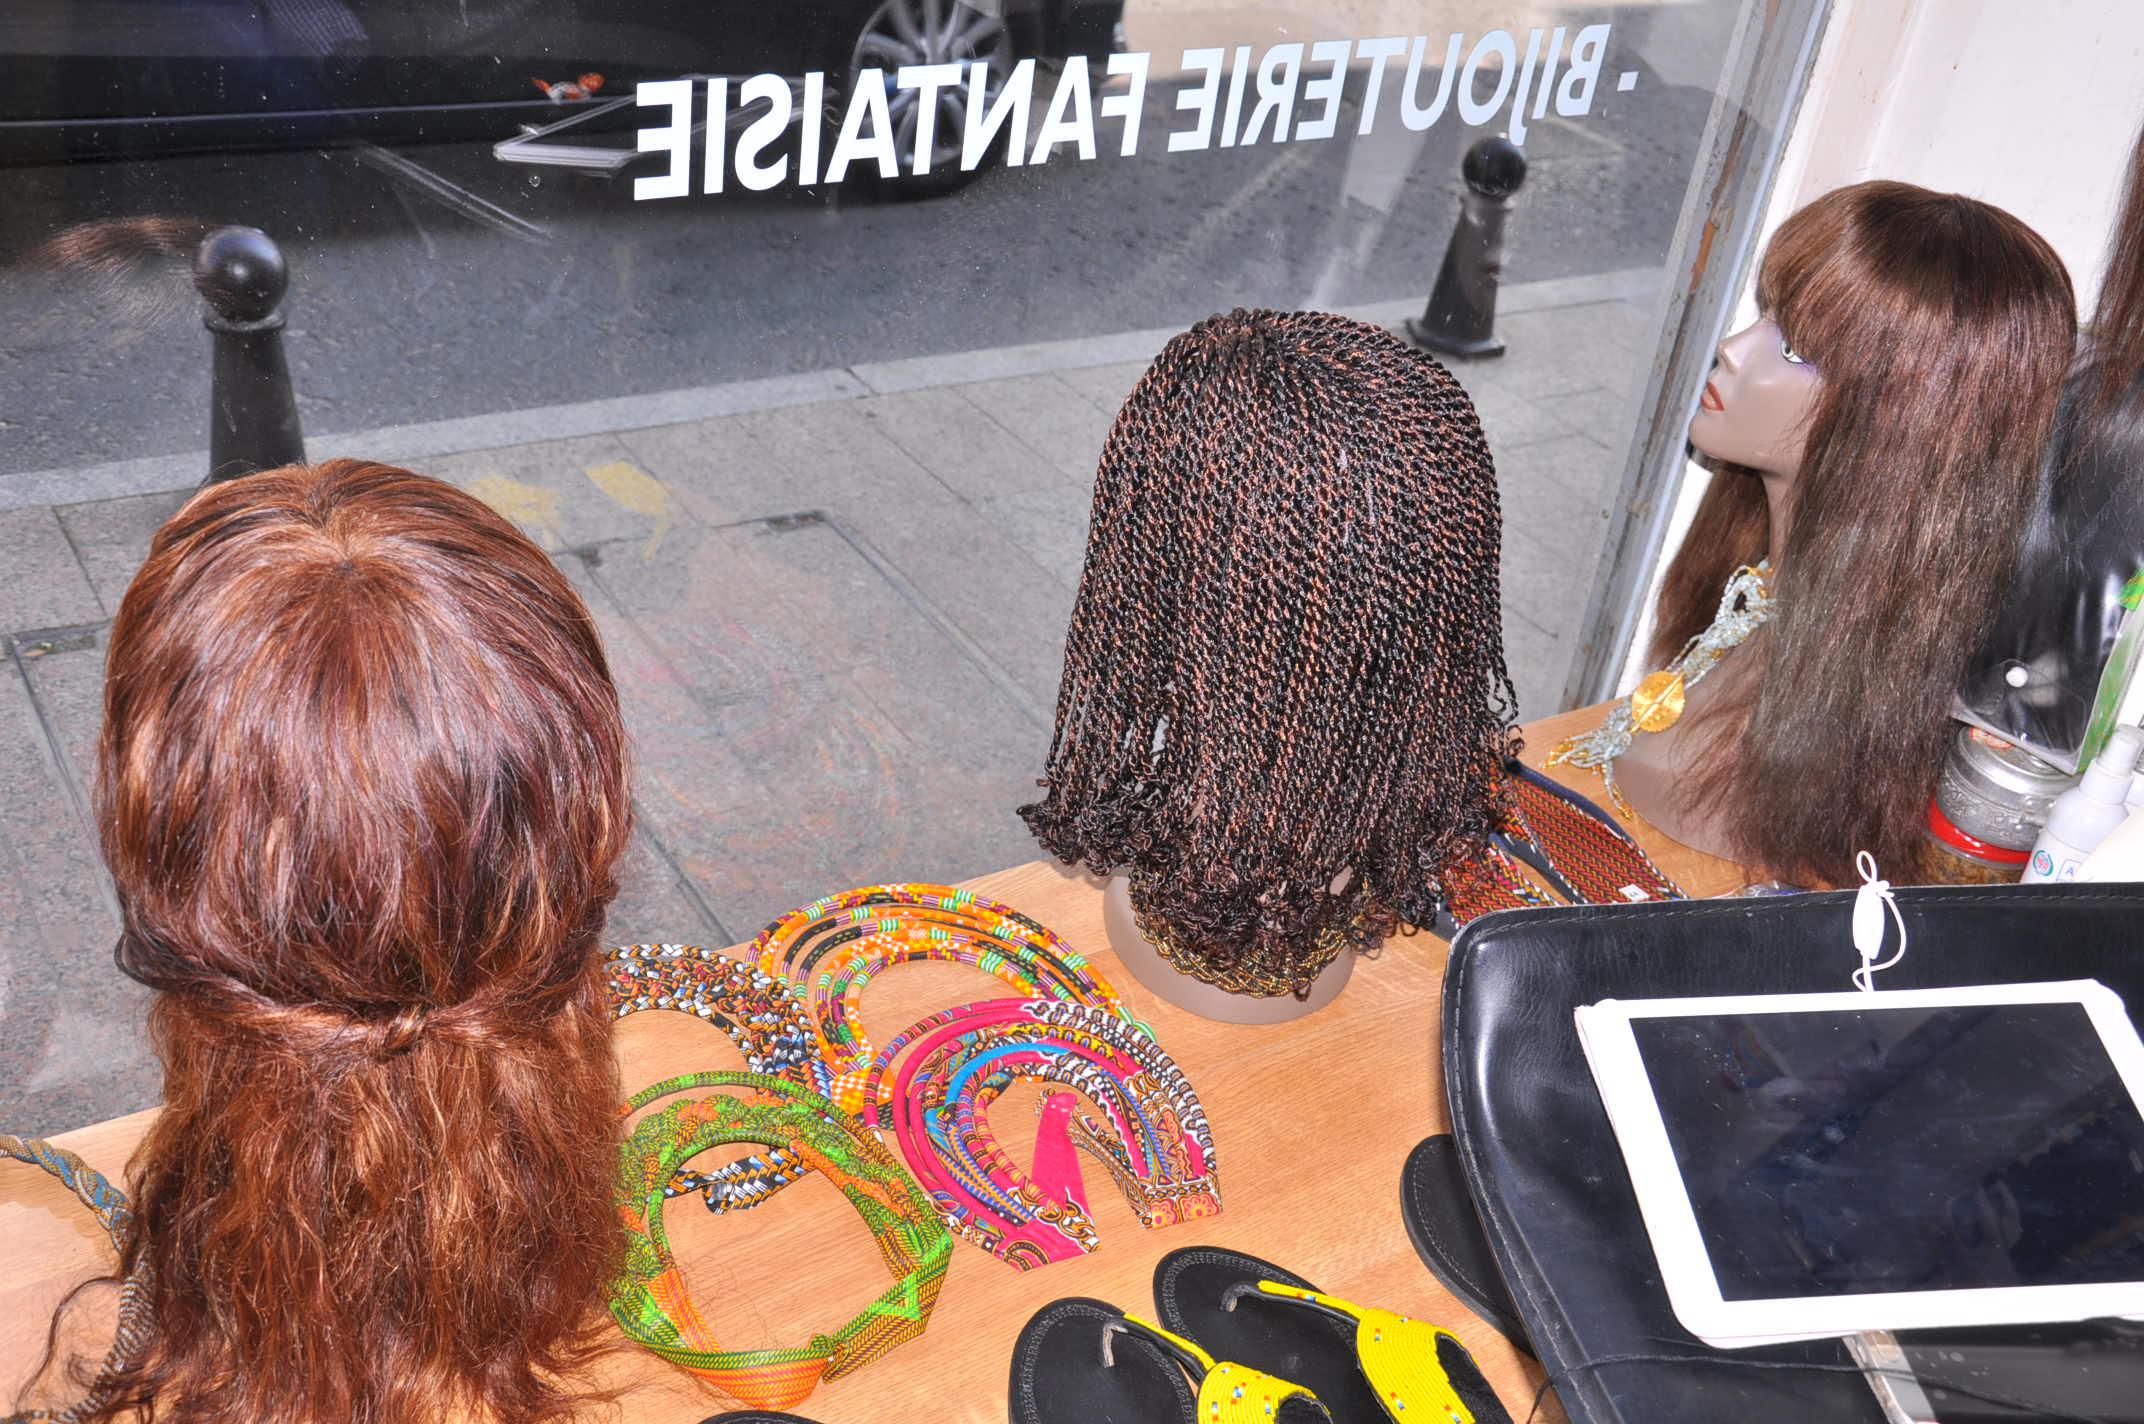 Fama tresse salon de beaute tressage afro antillais dans for Salon afro antillais paris